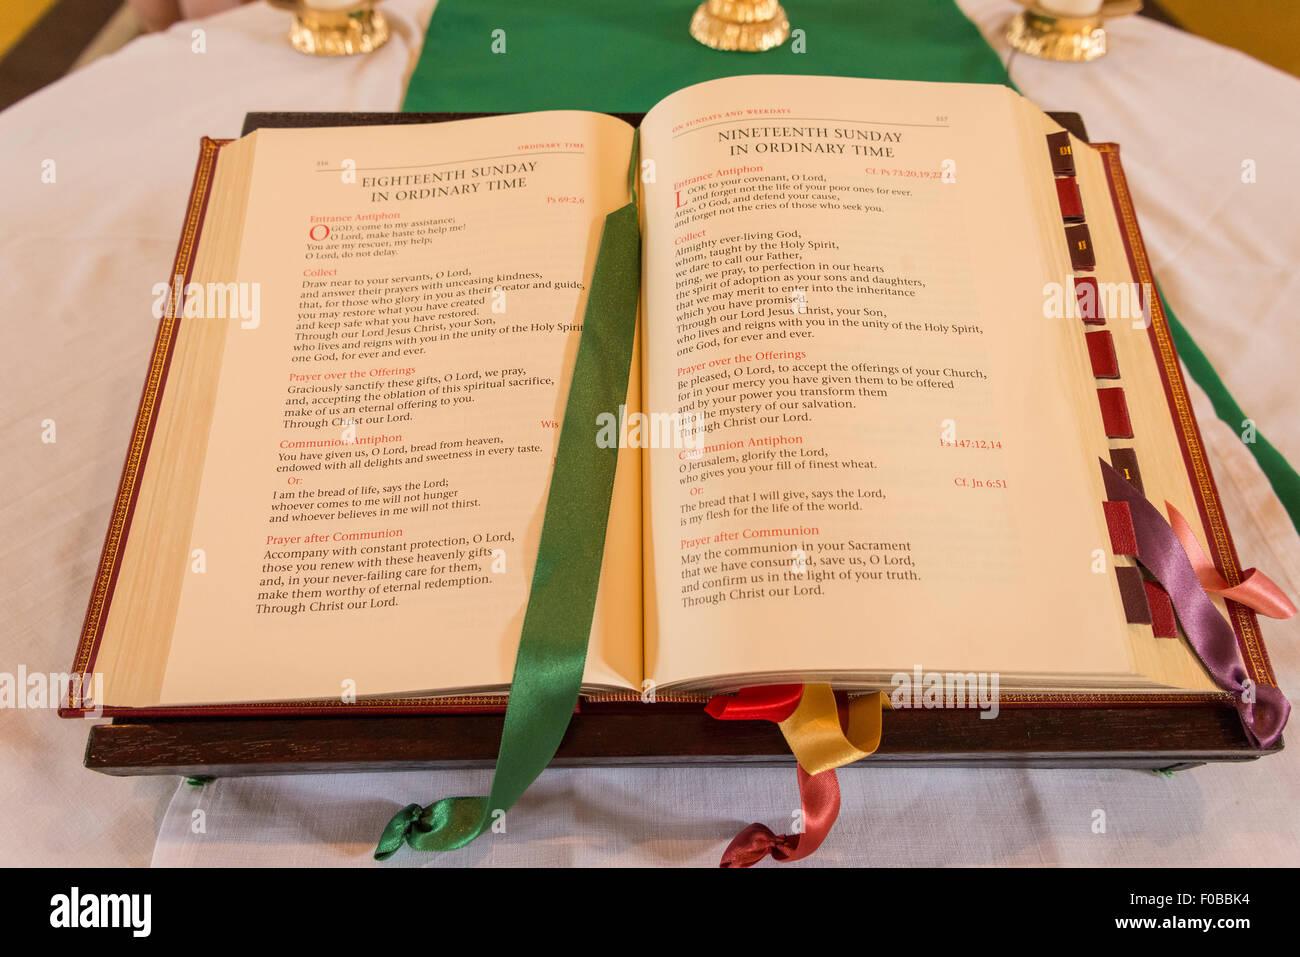 Gebetbuch auf Altar, Sankt Augustiner Roman Catholic Church, Daventry, Northamptonshire, England, Vereinigtes Königreich Stockbild